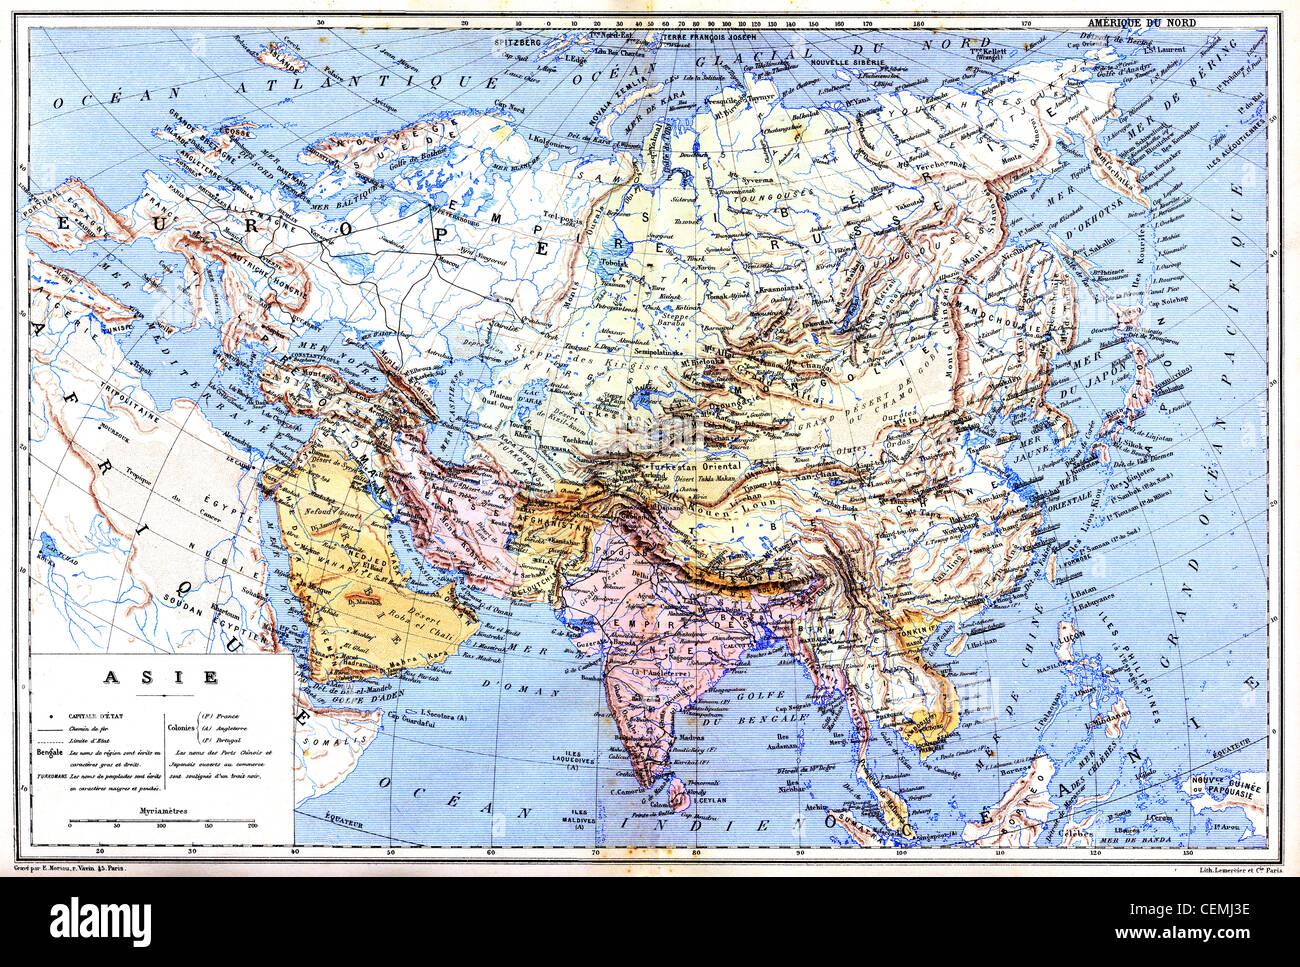 Carte Asie Avec Villes.La Carte De L Asie Avec Des Noms De Villes Et De Pays Sur La